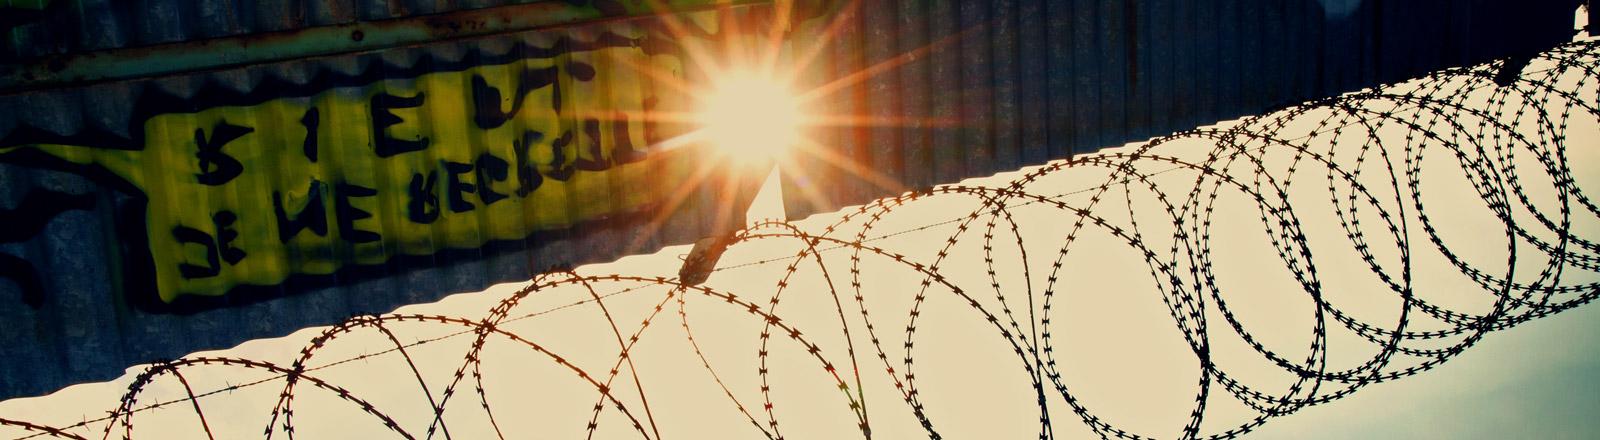 Die Sonne scheint zwischen einem Zaun hindurch.